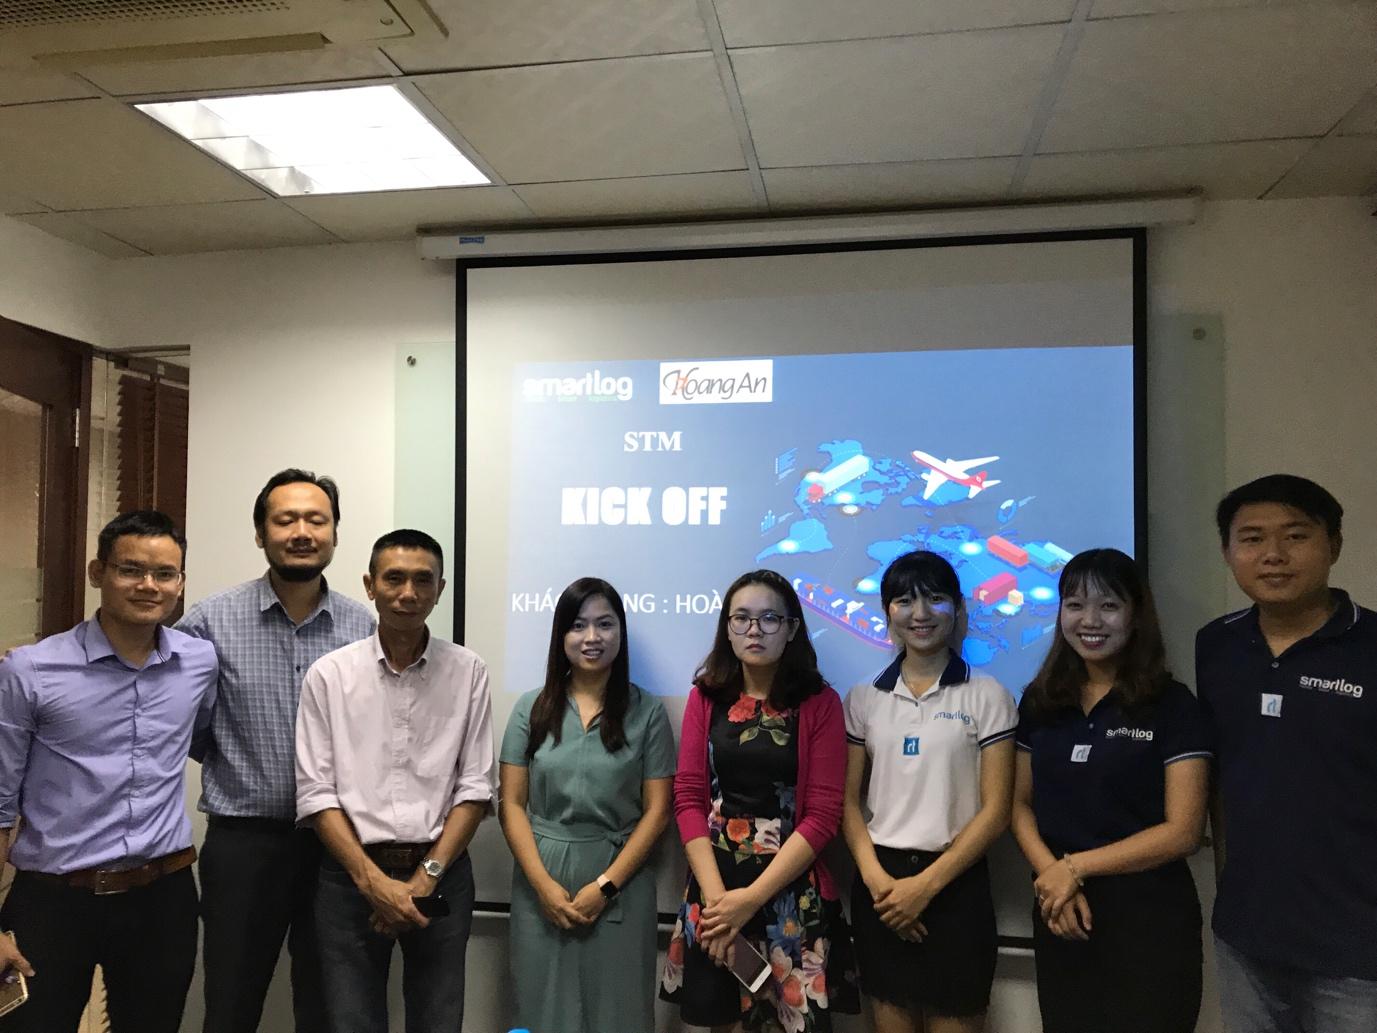 Kick off dự án STM với đối tác Hoàng An